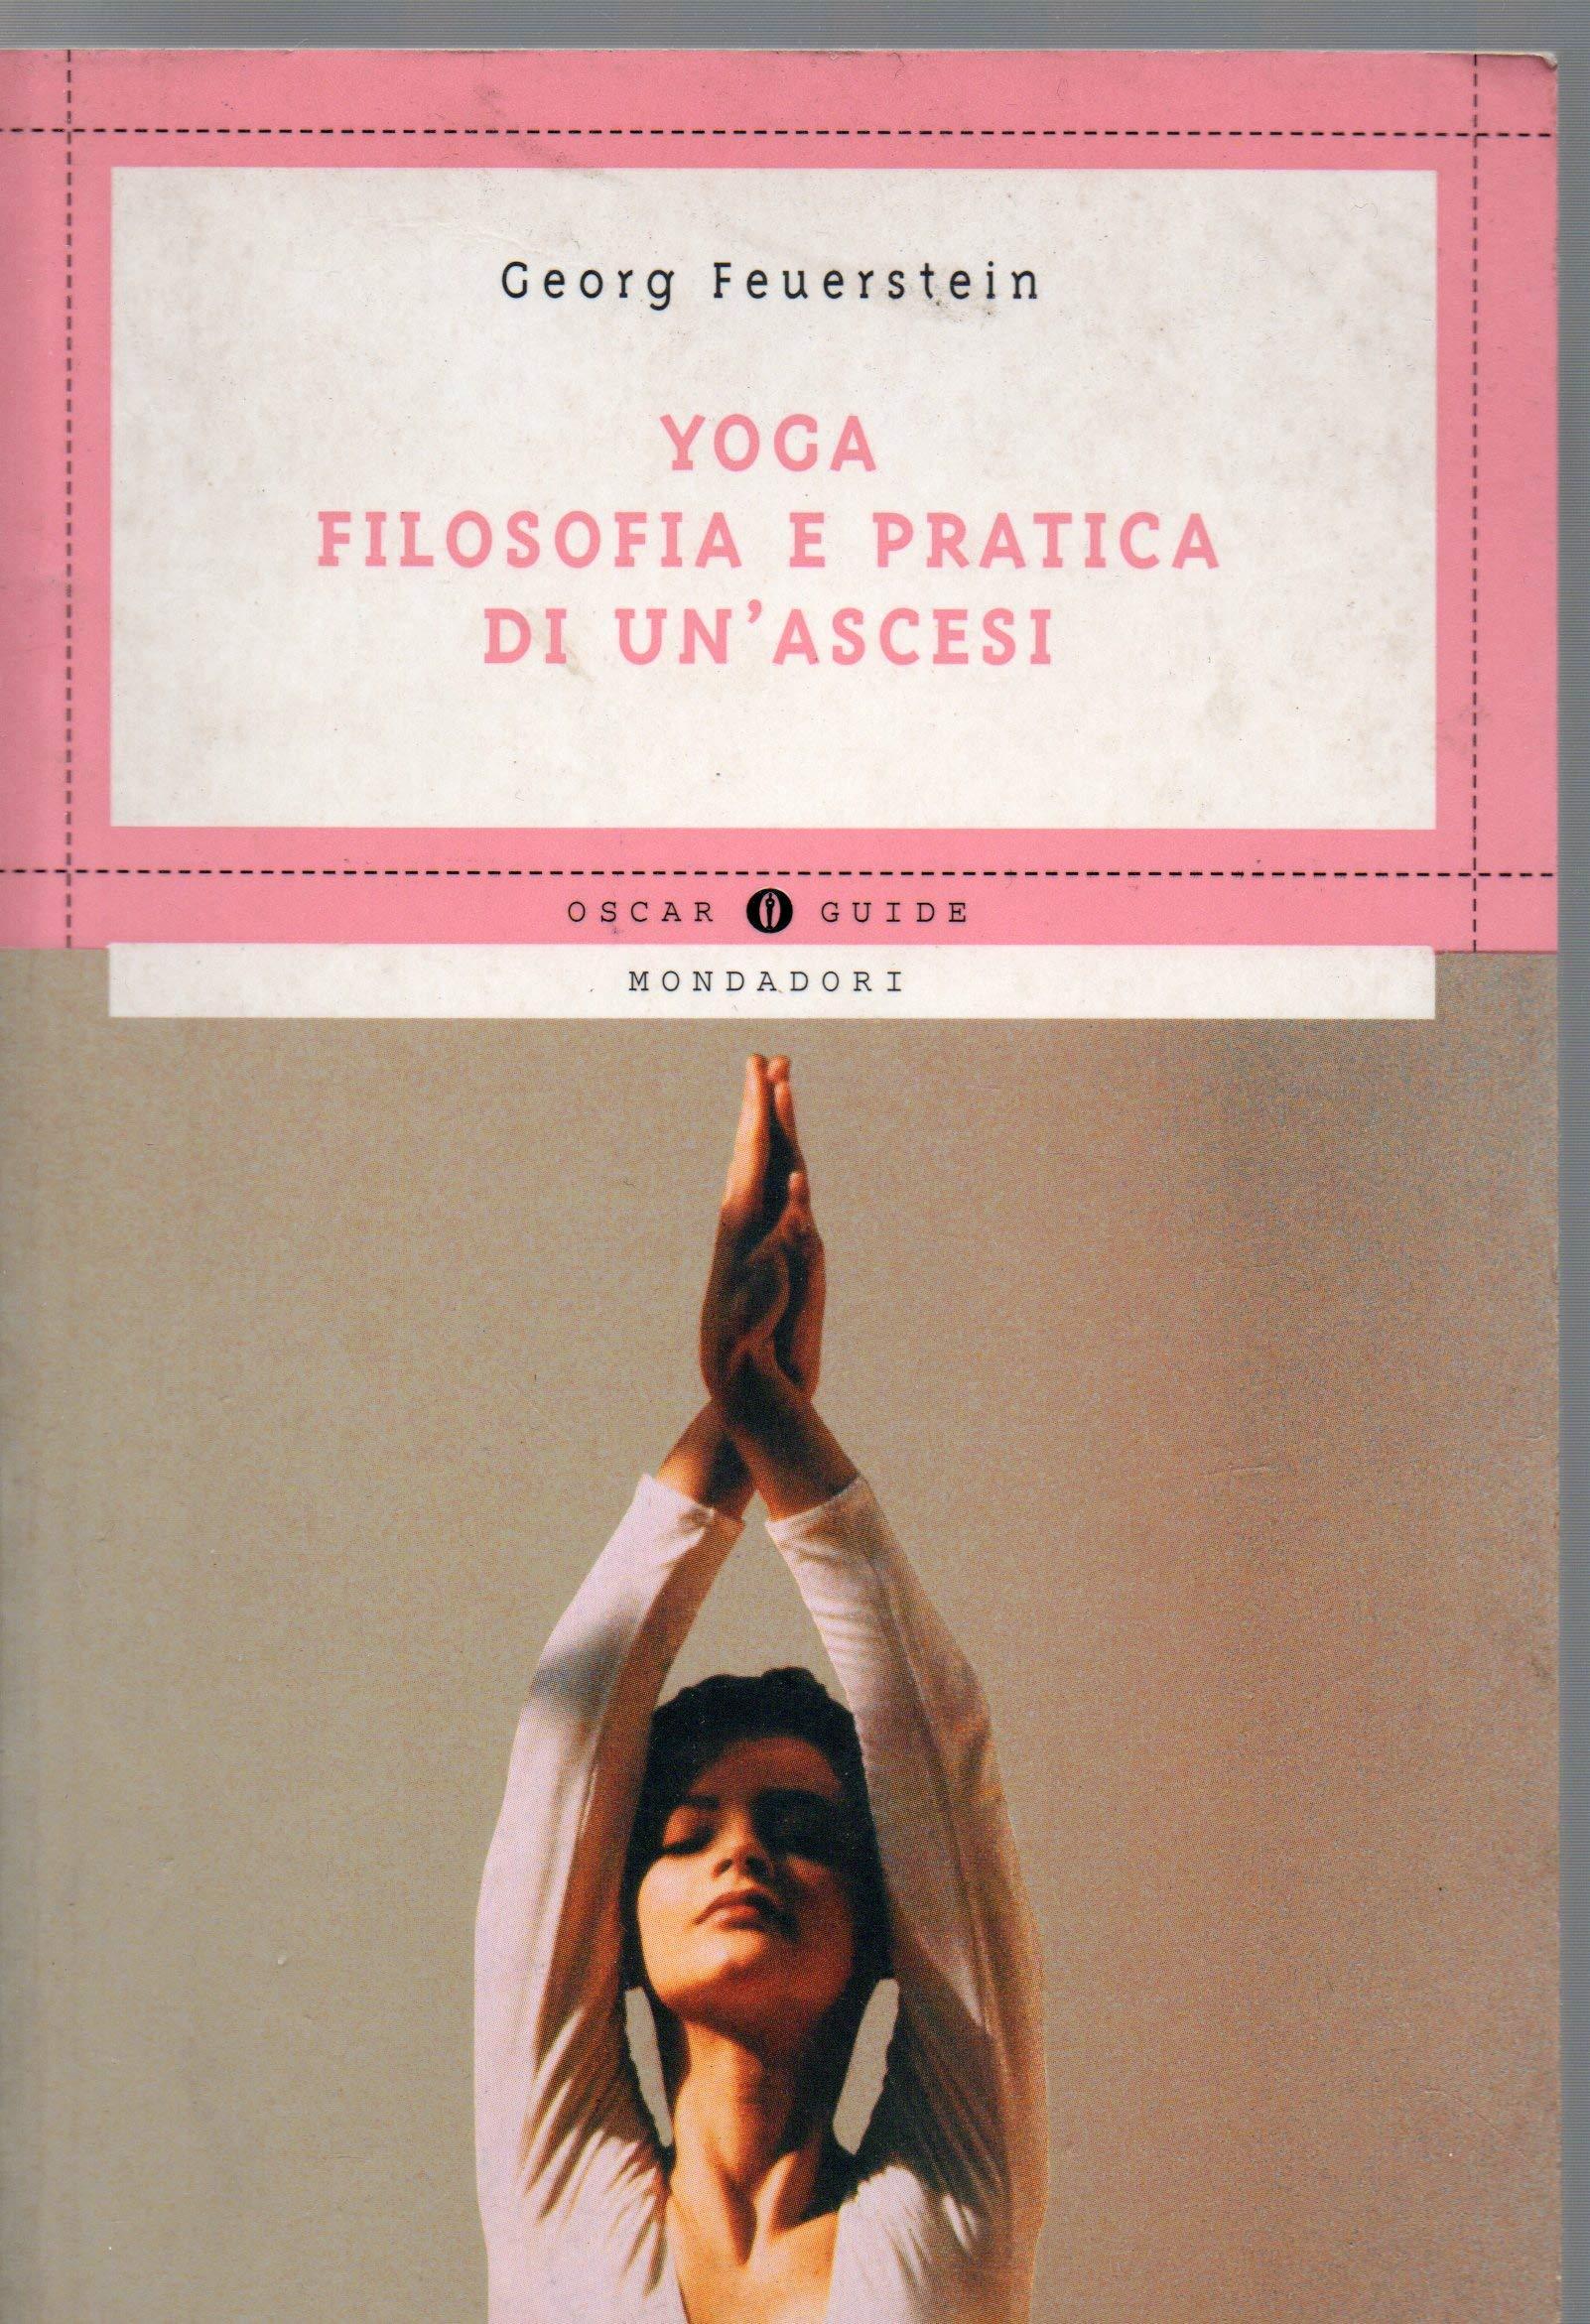 Yoga. Filosofia e pratica di unascesi (Oscar guide): Amazon ...